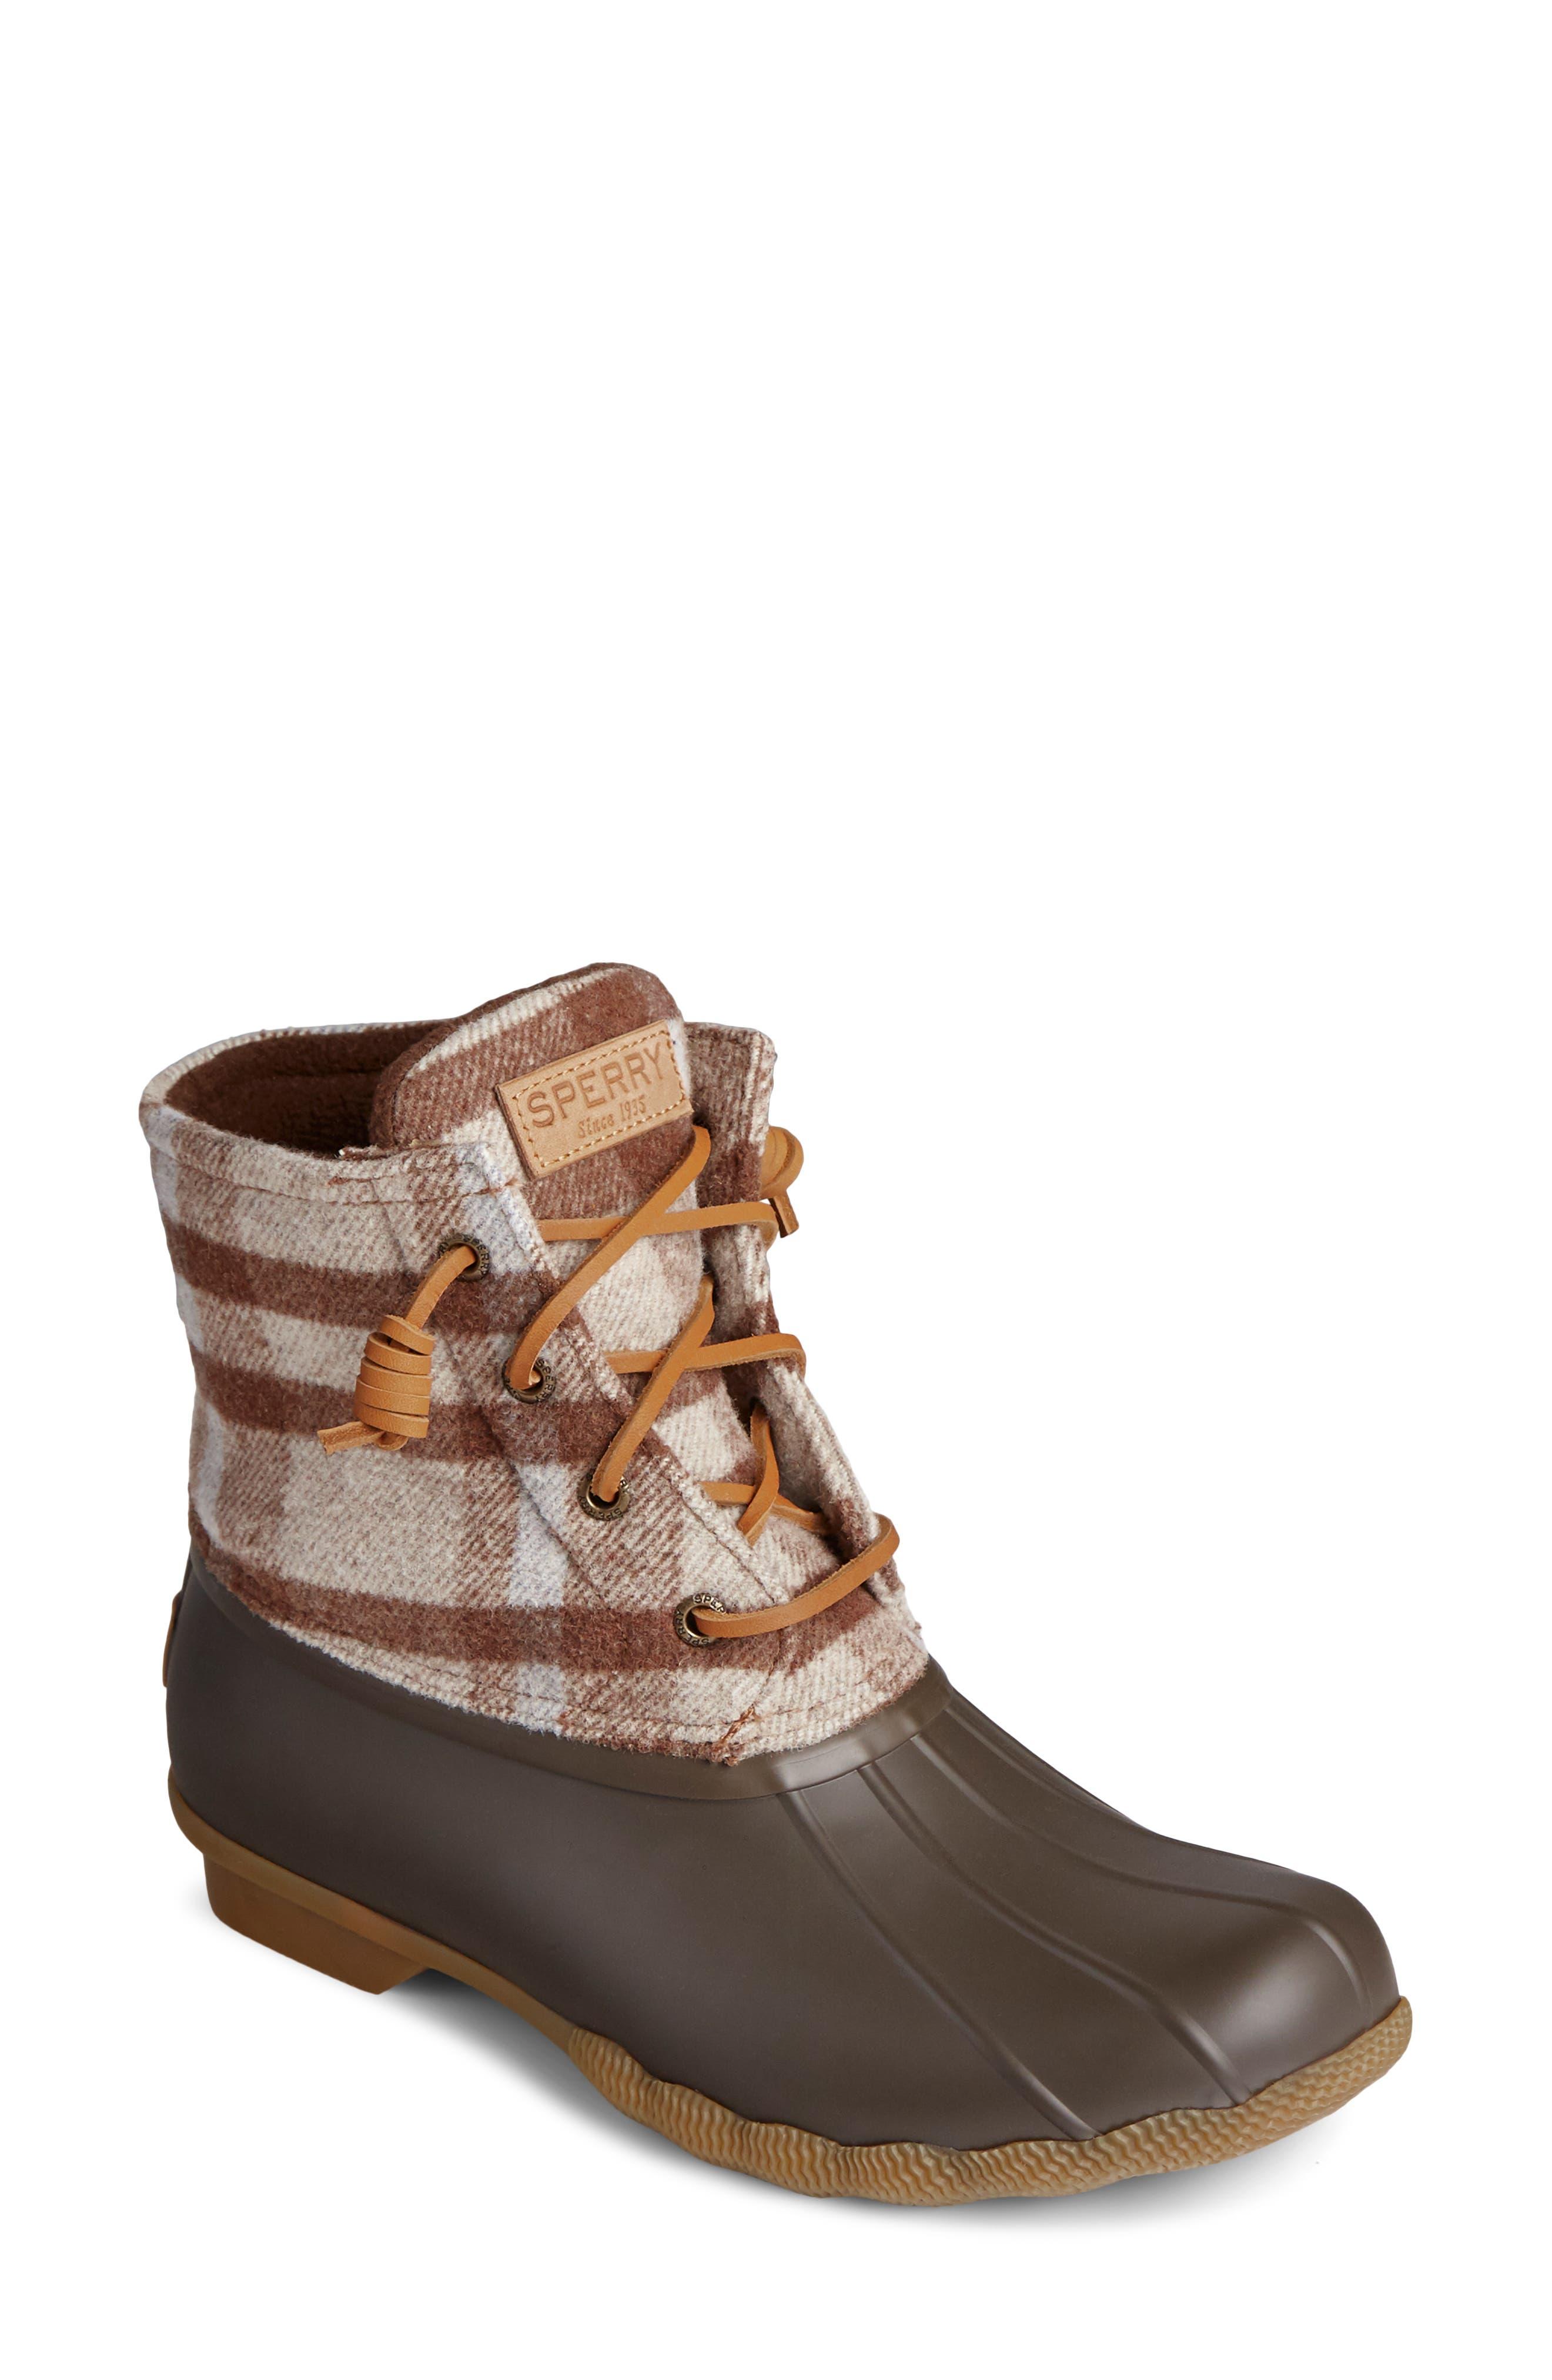 Women's Sperry Boots   Nordstrom